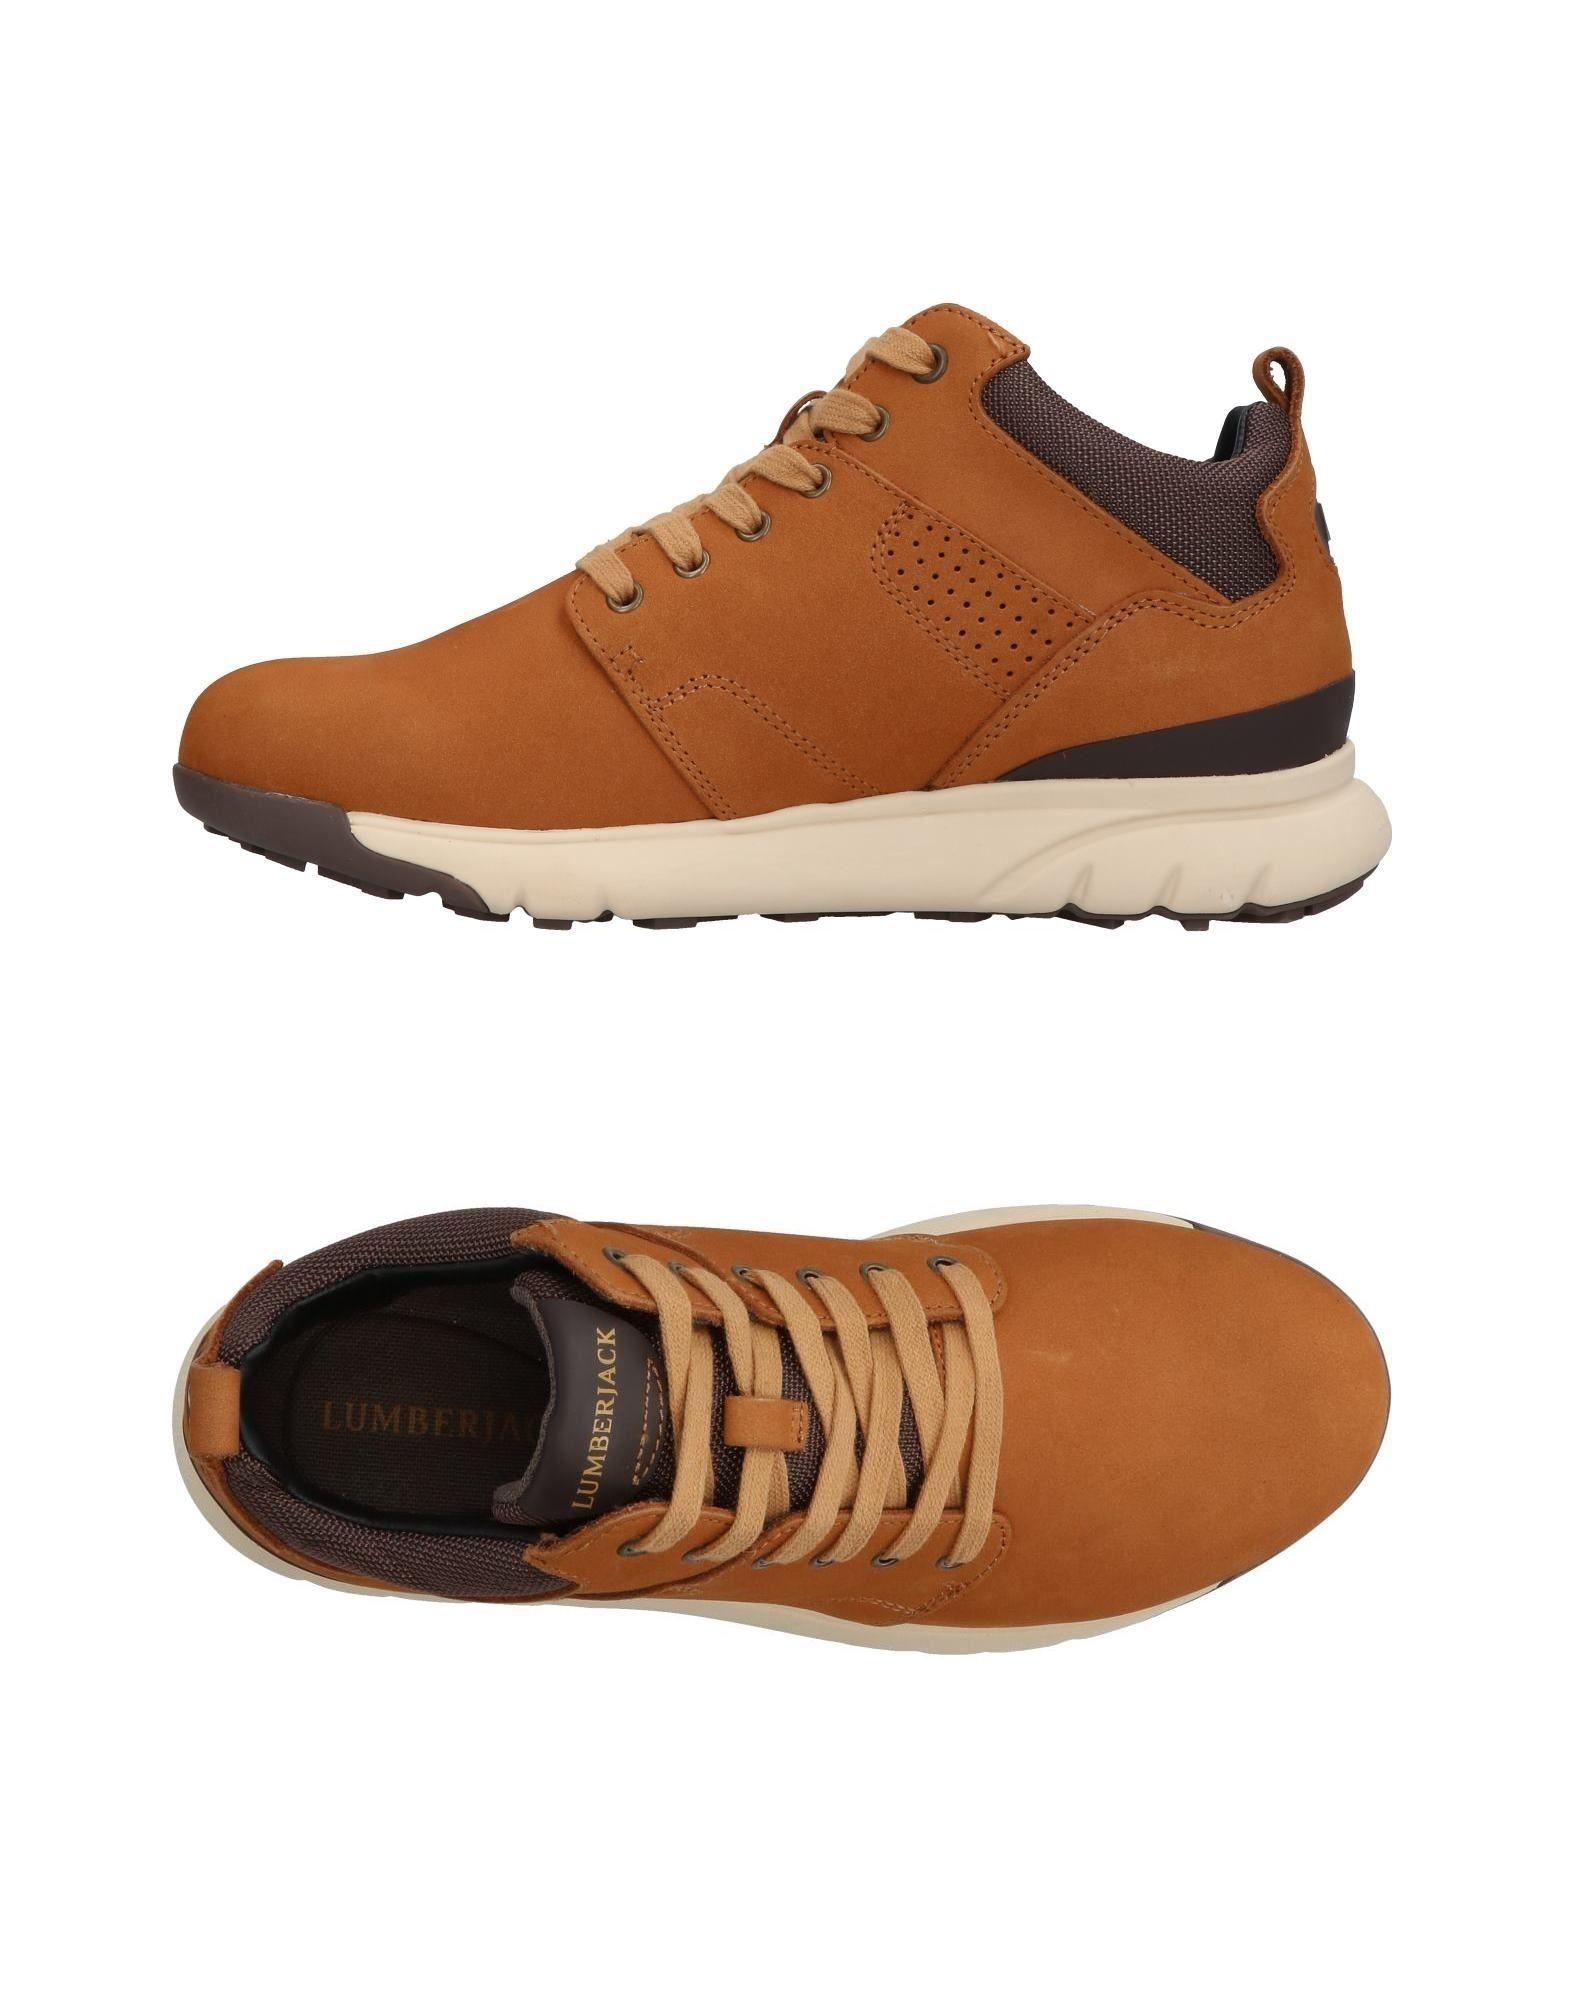 Lumberjack Lumberjack  Sneakers Herren  11337363BH eefce0